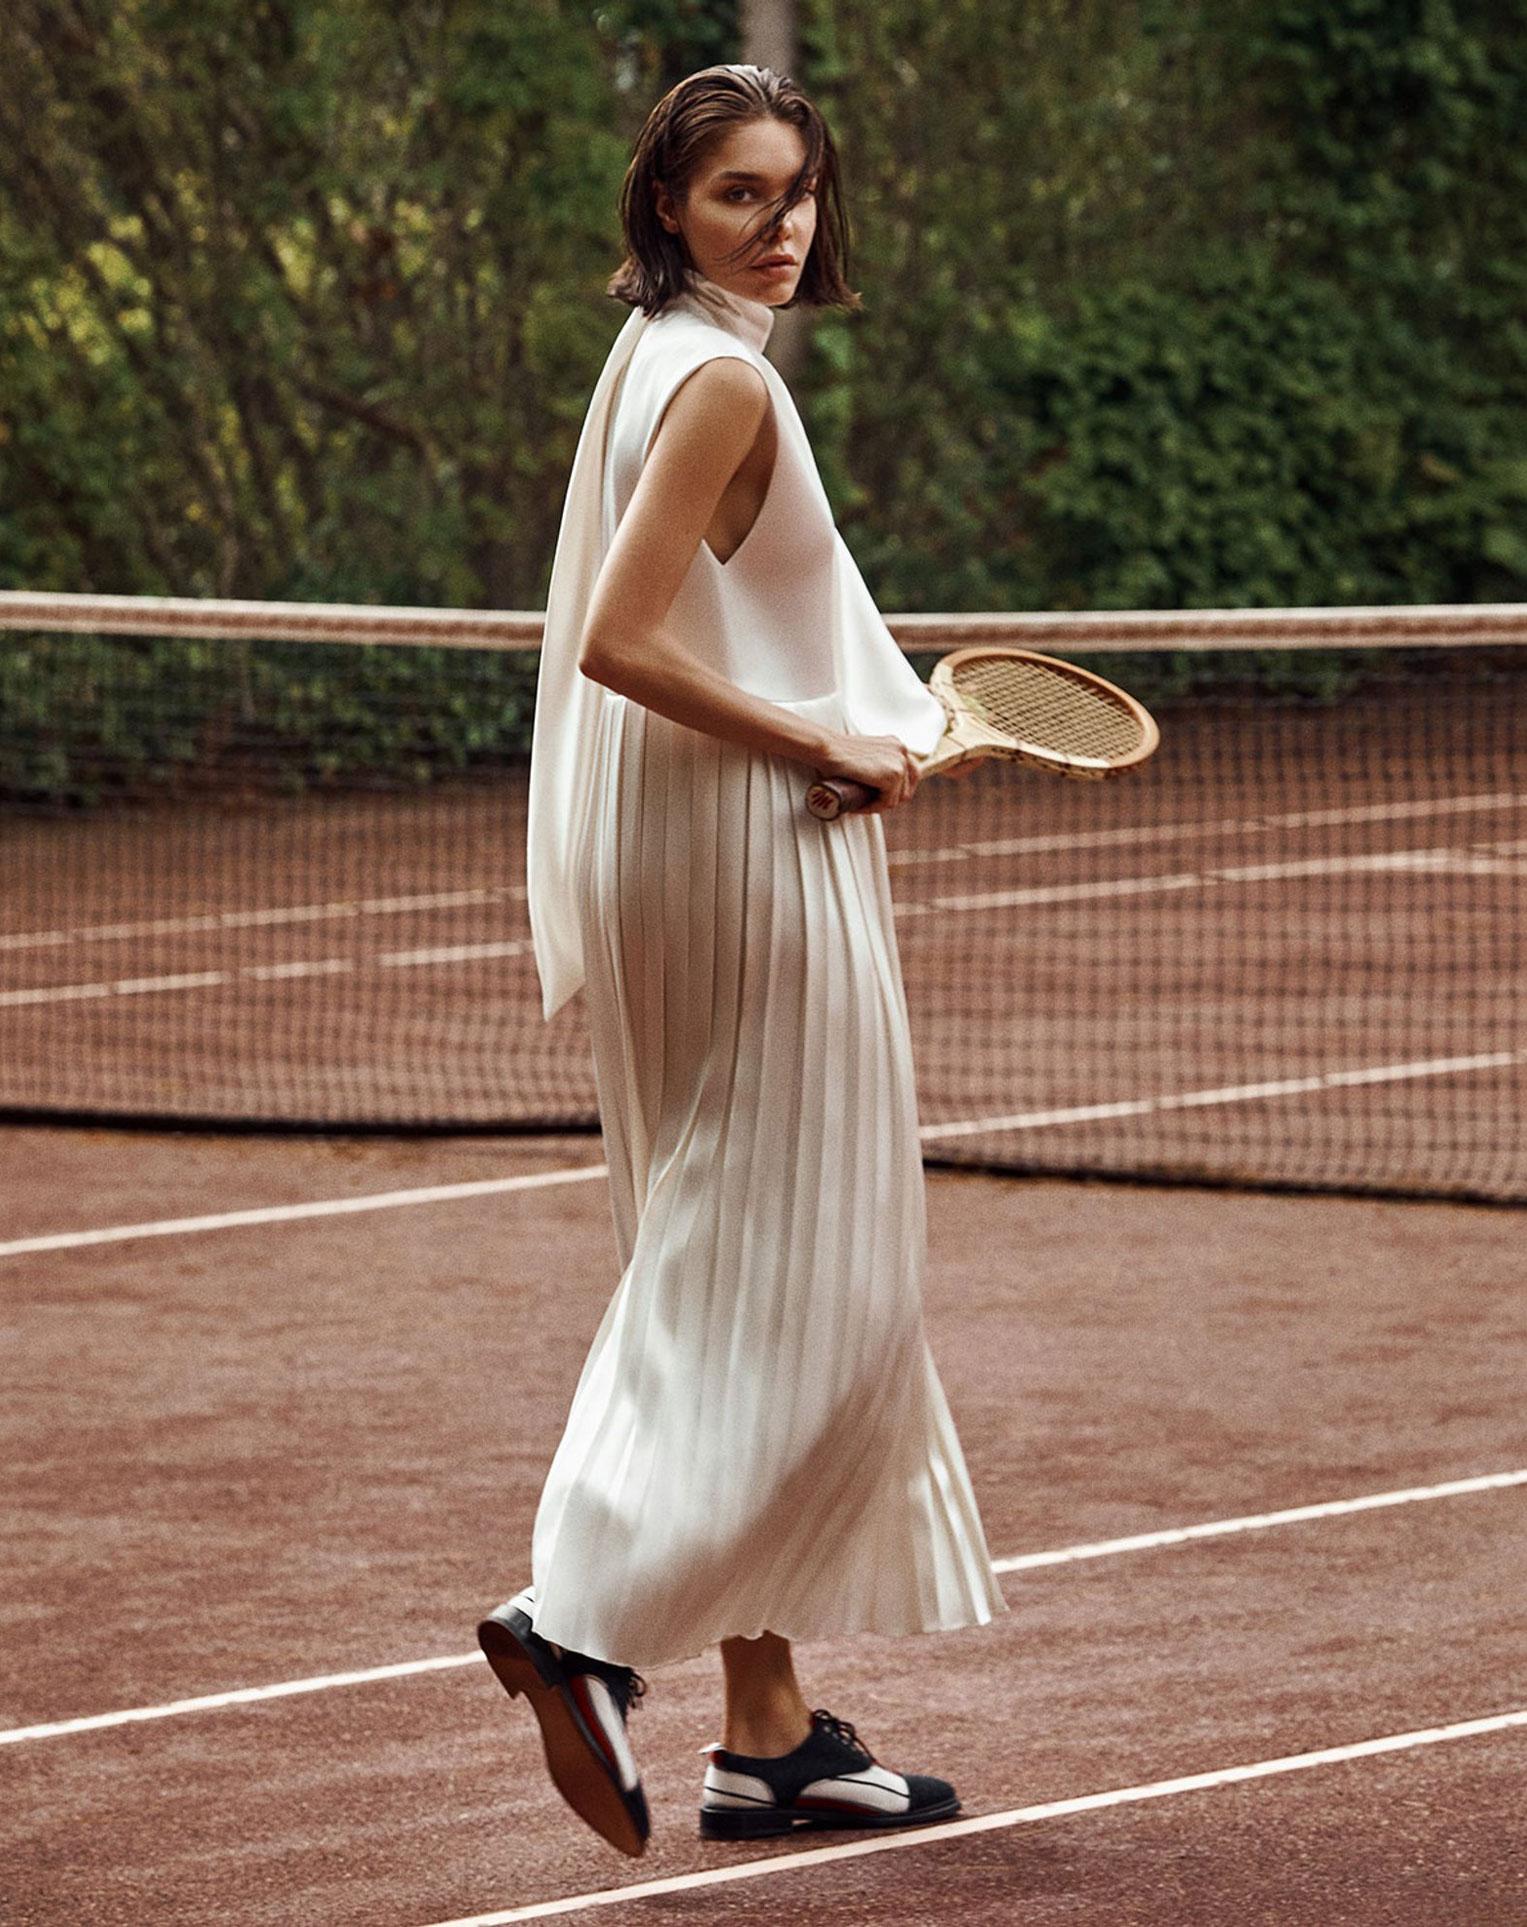 -Королева кортов- Мишель Дантас в модной одежде спортивного стиля / фото 01